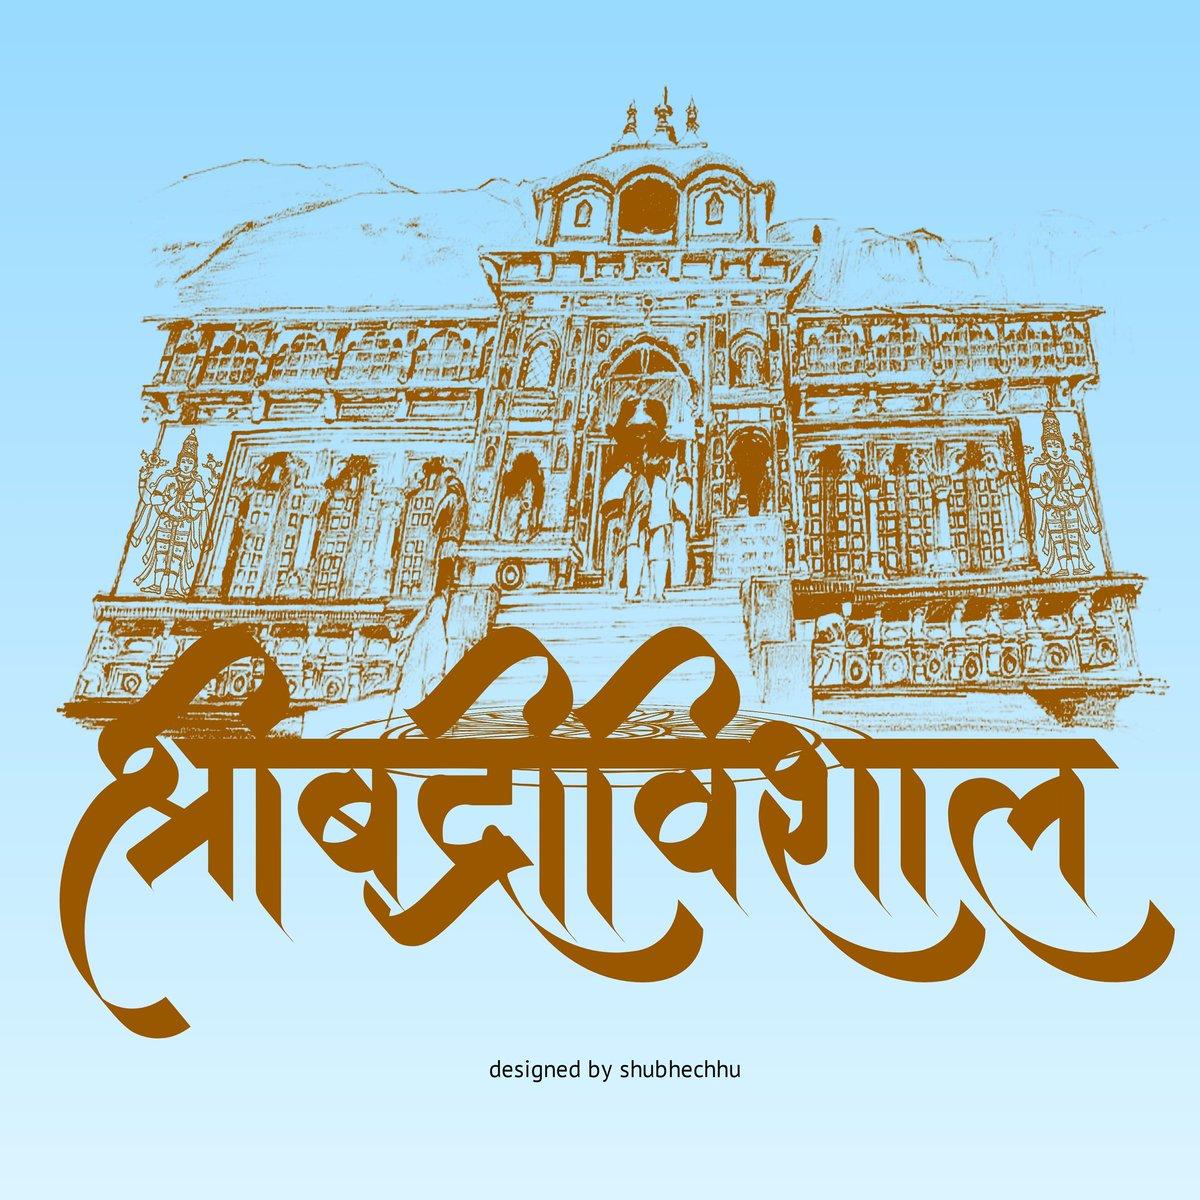 भगवान बदरीनाथ जी का मंदिर ।। कल प्रातः 4:30 बजे खुलेंगे भगवान के कपाट ।। ।। जय बदरीविशाल ।।   #badrinatha #badrinathdham #badrinath_temple #badrinath_kedarnath_gangotari_yamnotari #kedarnathyatra #kedarnathmandir… #Uttarakhand #garhwali https://t.co/n5LXvJ12Ox